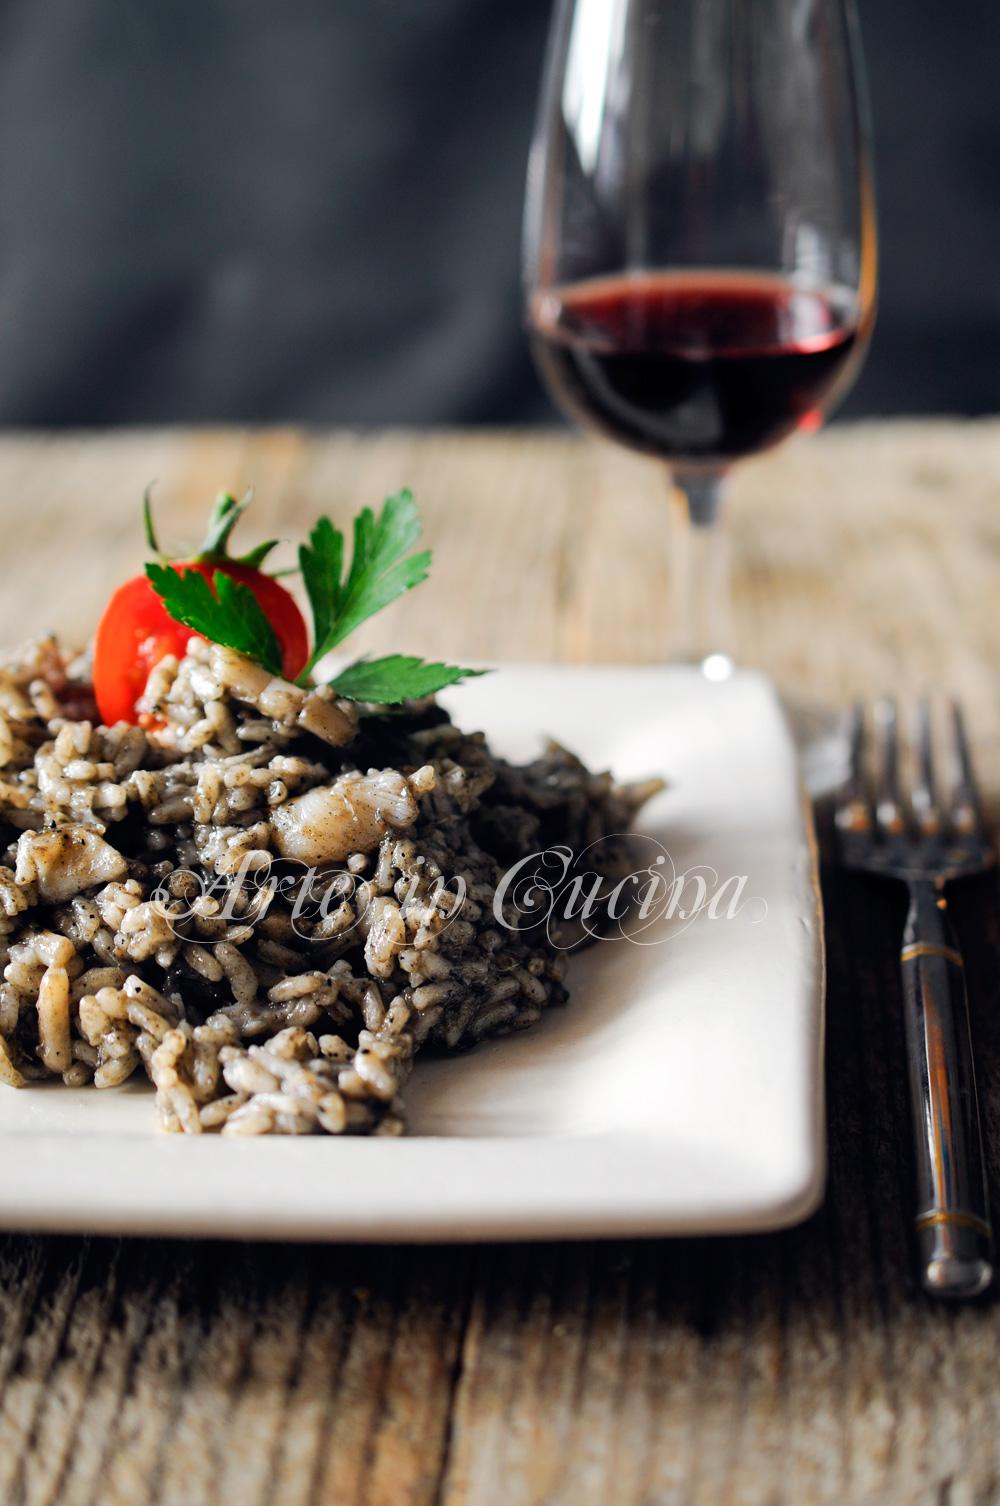 Risotto al nero di seppia ricetta facile vickyart arte in cucina